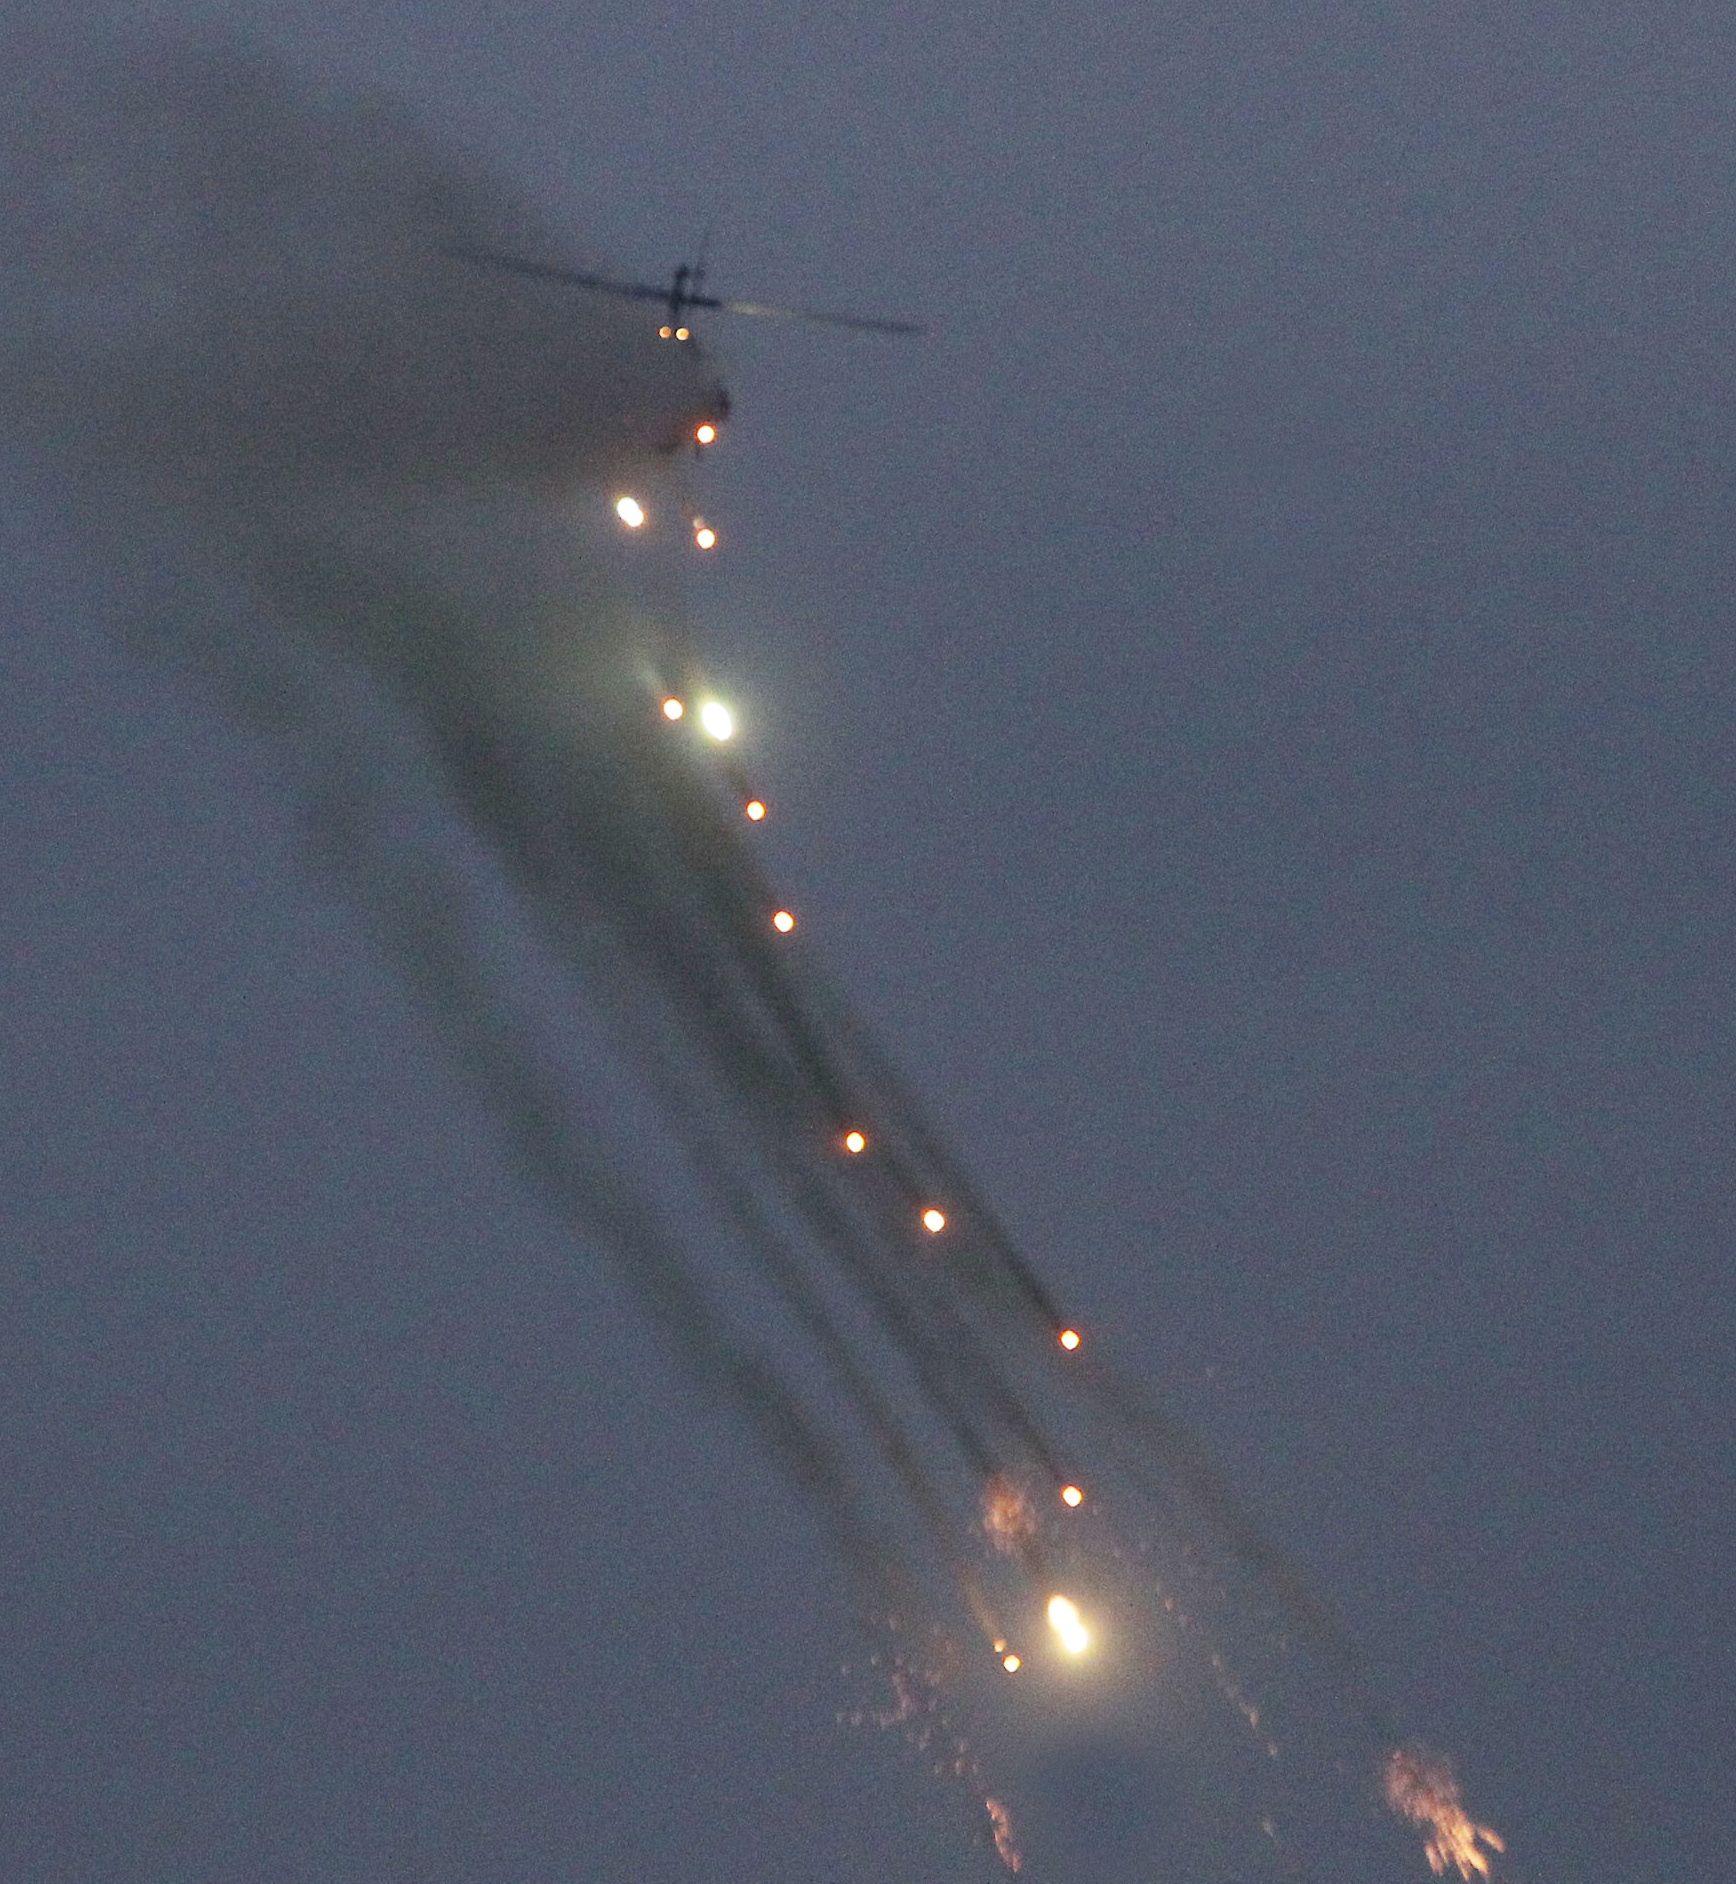 陸航AH-1W眼鏡蛇攻擊直升機實施火箭對灘岸火殲暨反擊作戰。(記者邱榮吉/台中拍攝)